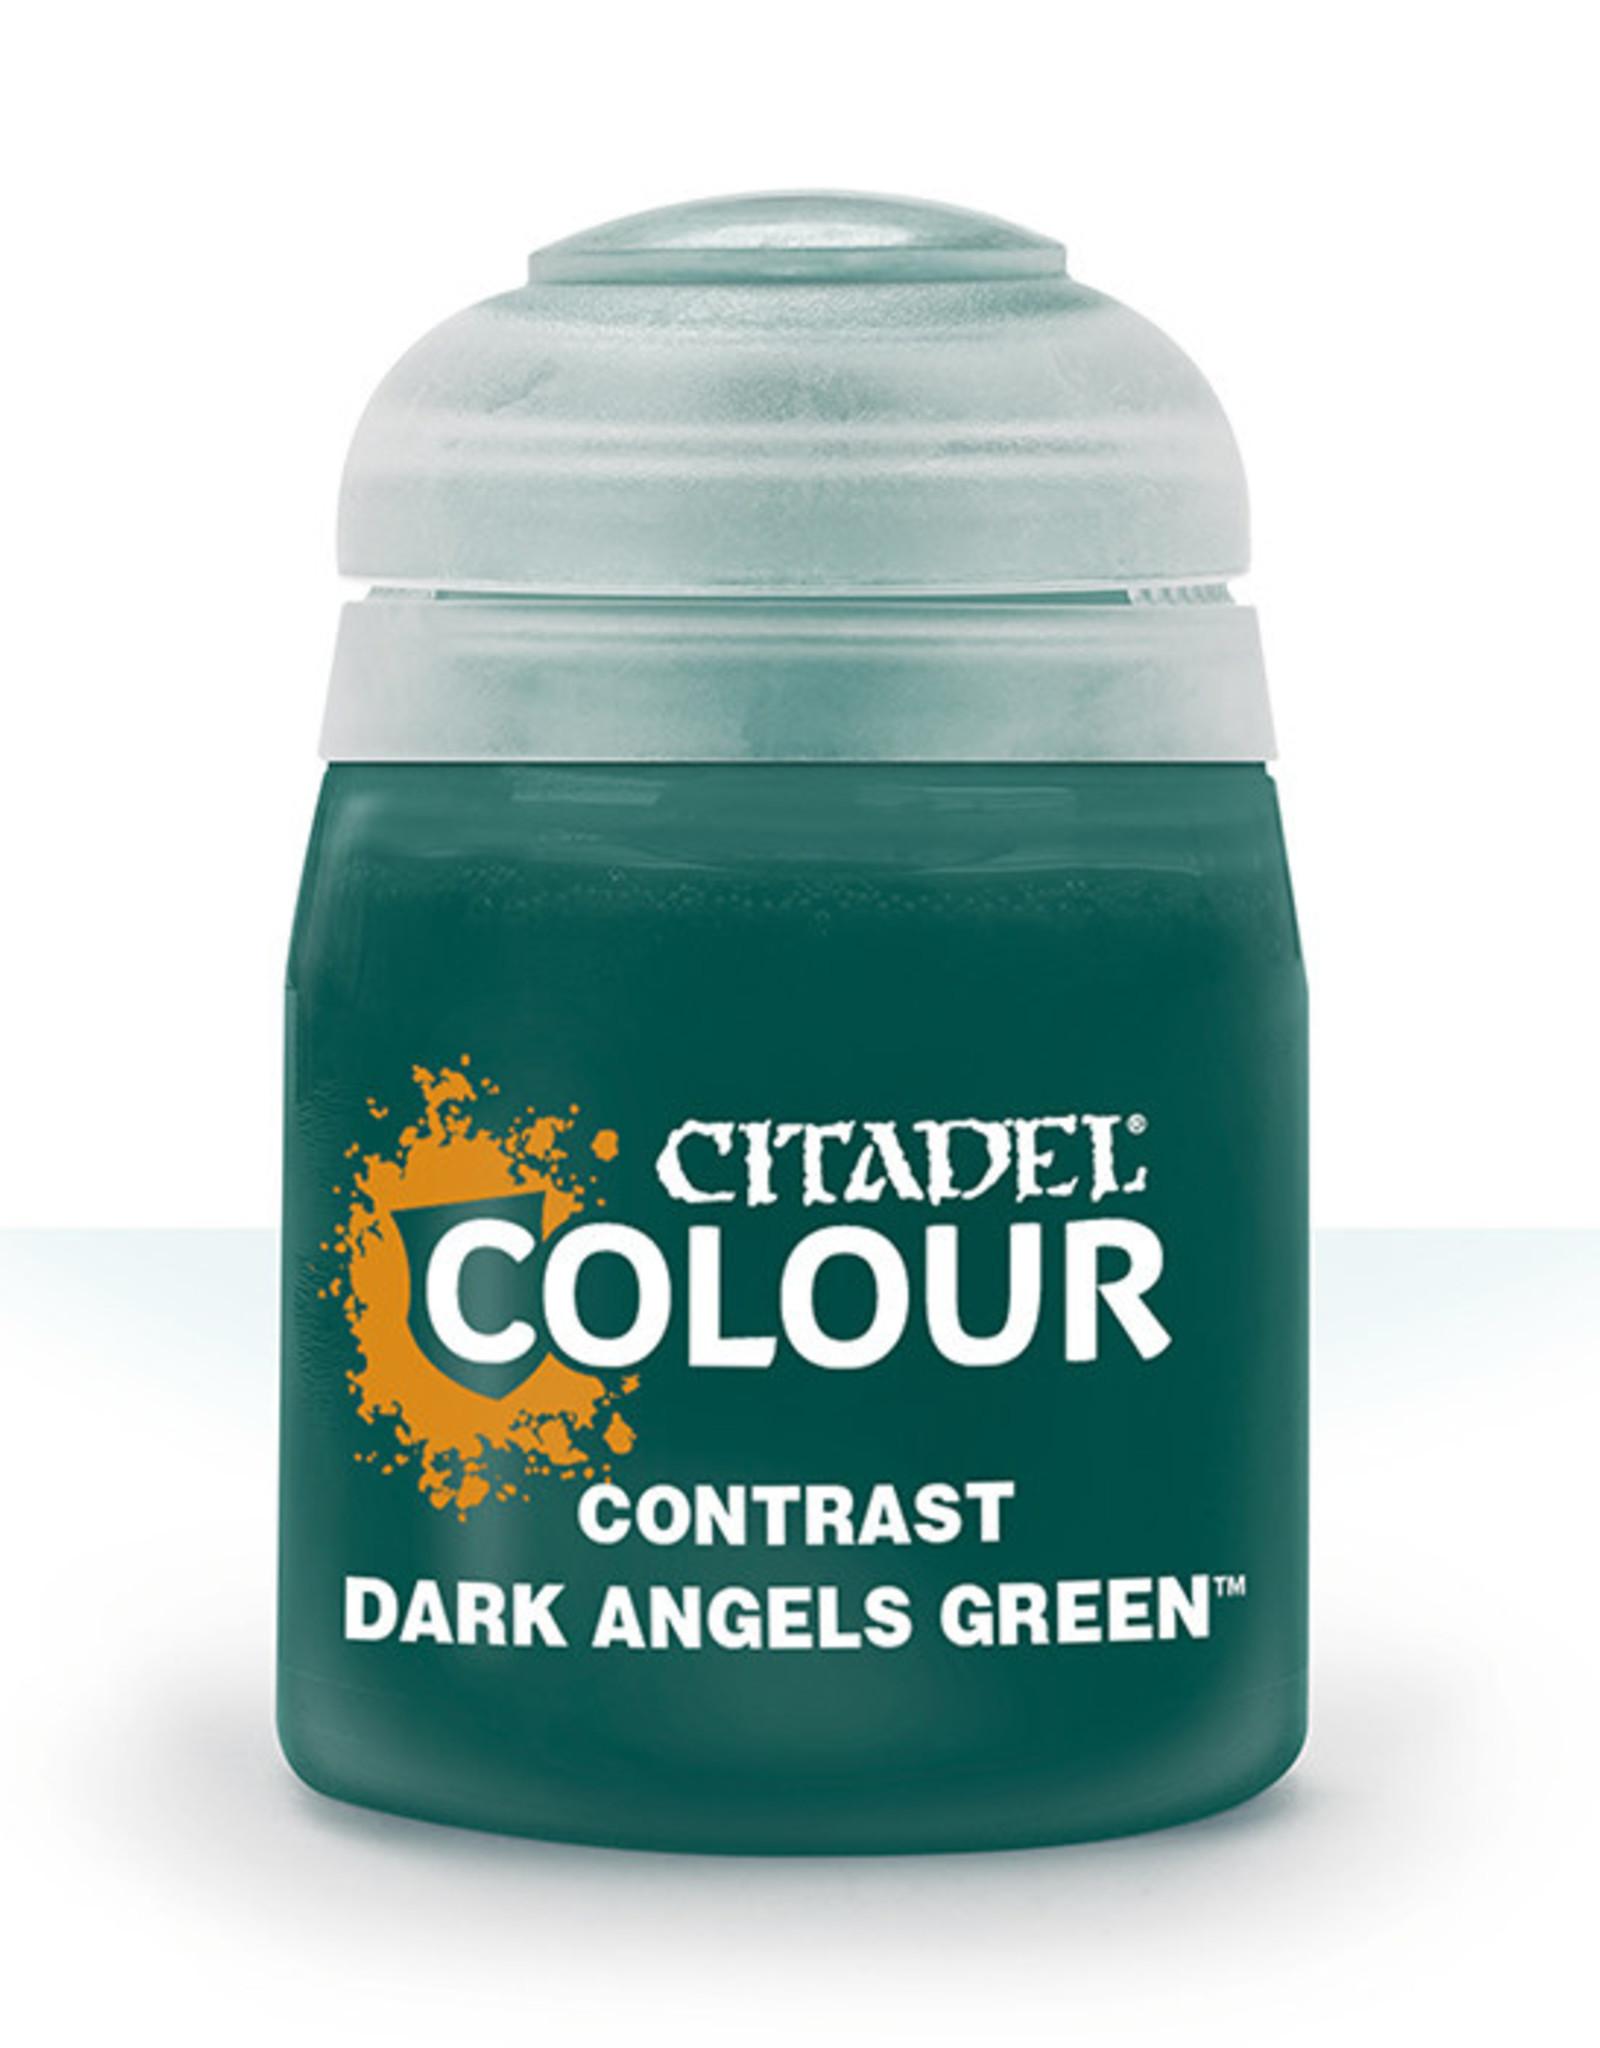 Citadel Citadel Colour: Contrast - Dark Angels Green